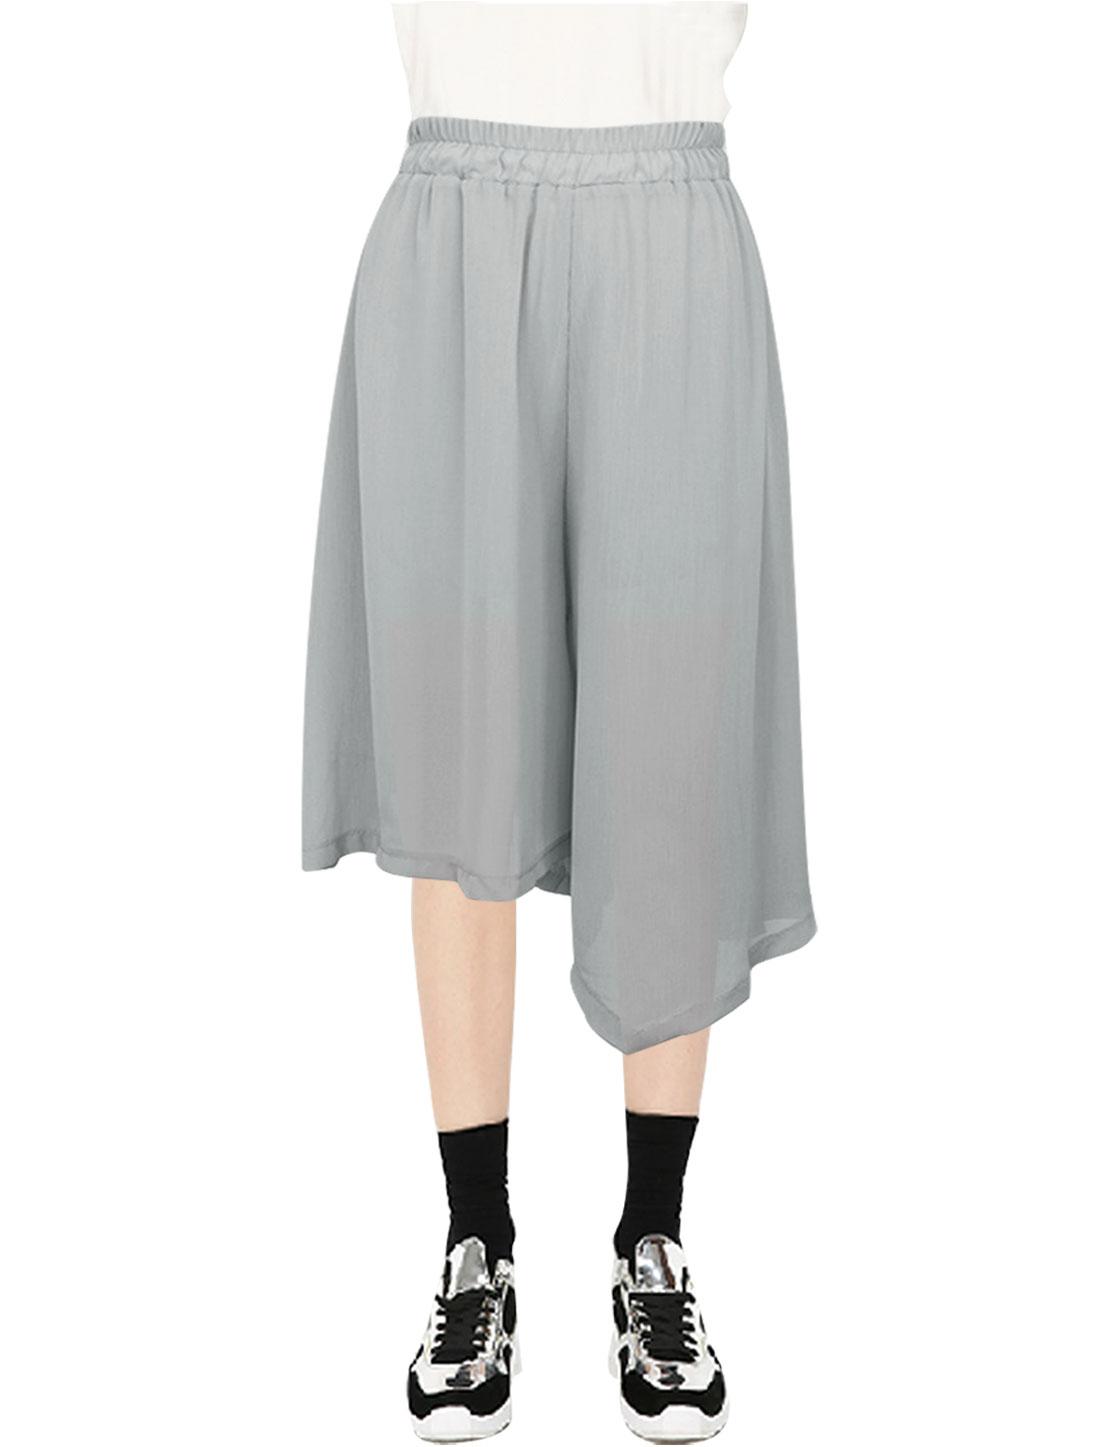 Women Elastic Waist Irregular Cuffs Design Capri Wide Leg Pants Light Gray XS